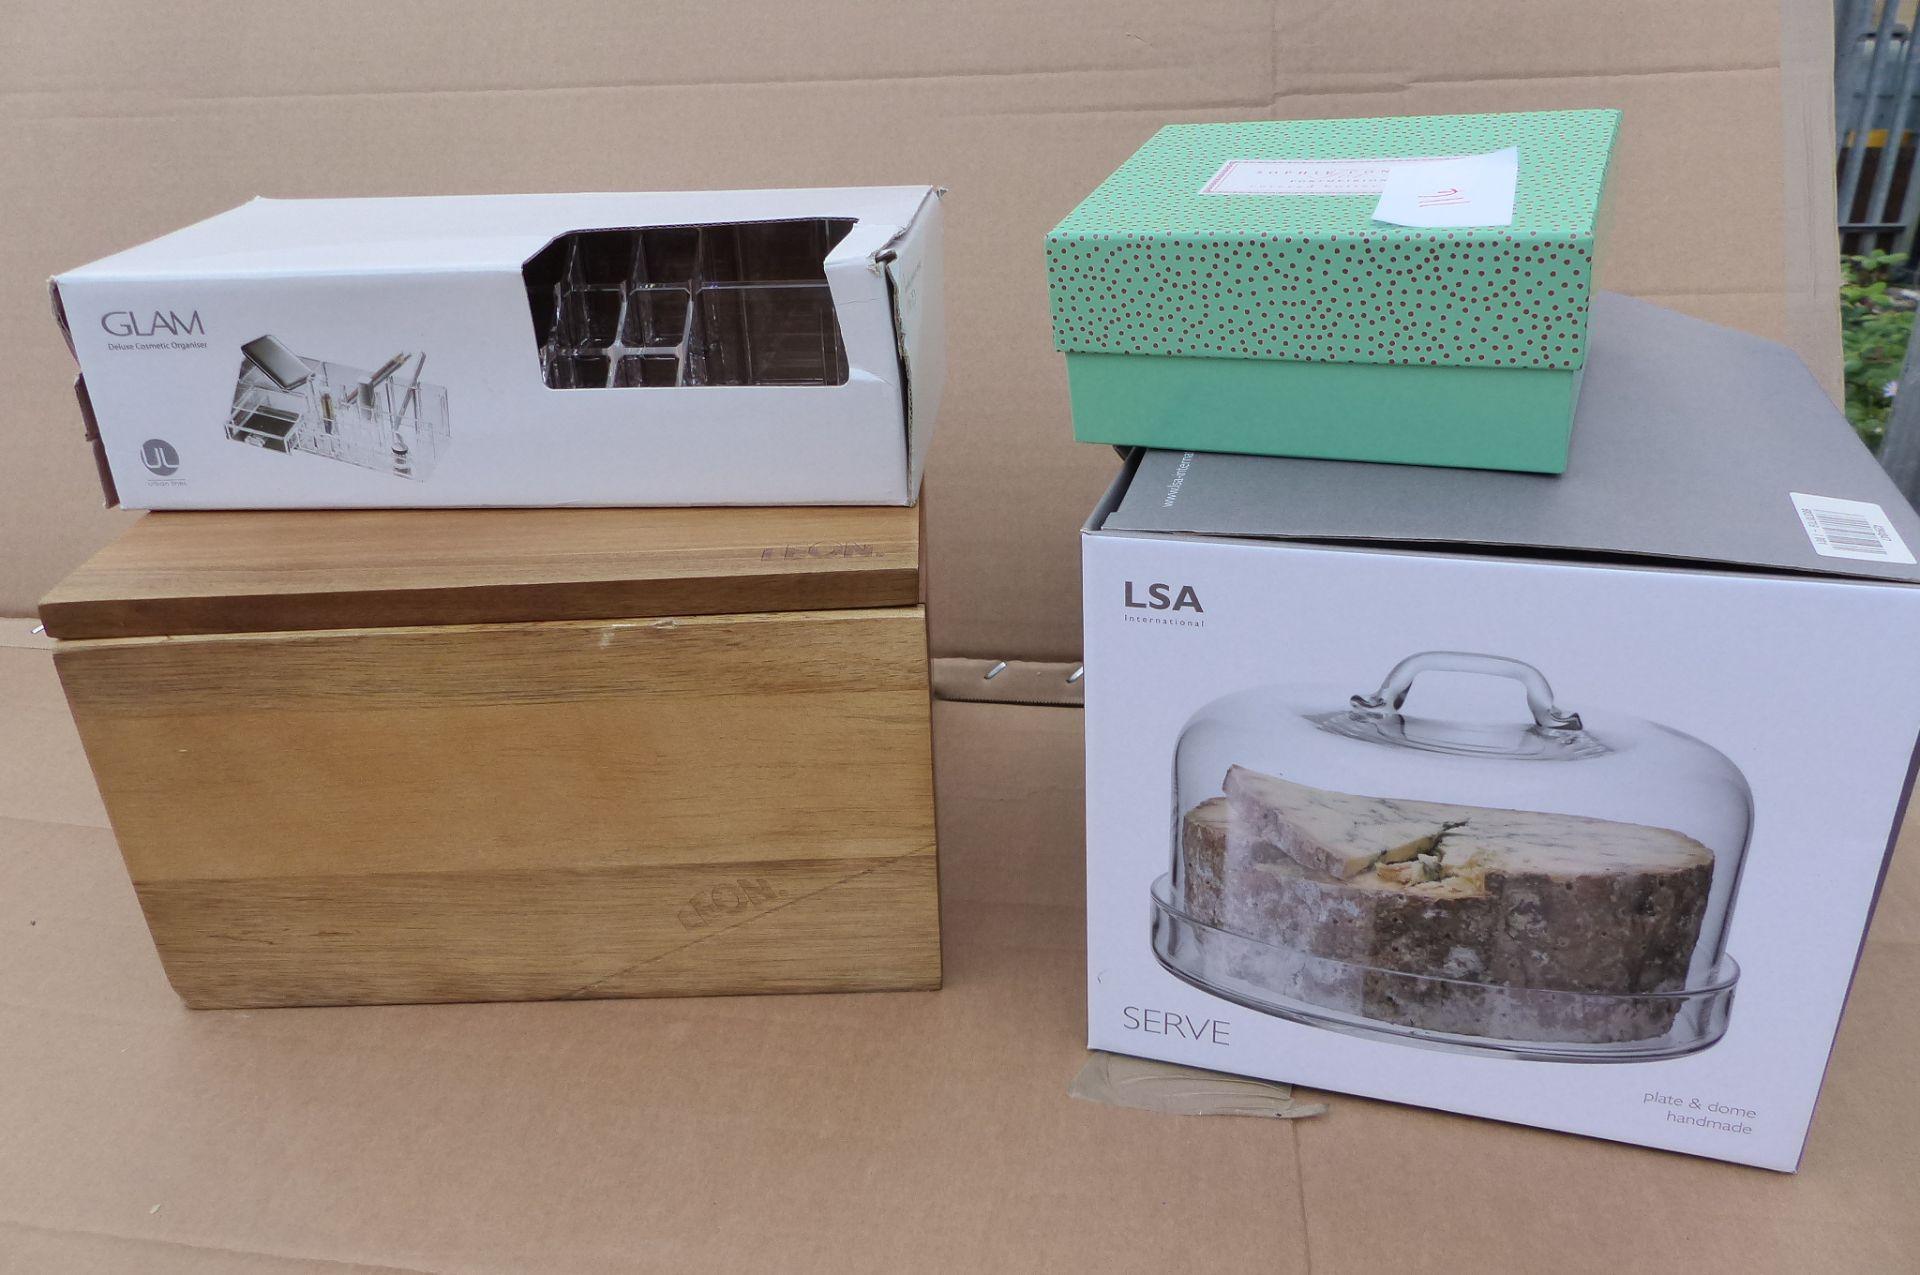 4 items LSA Dome, Sophie Conran butter dish, Leon Storage box